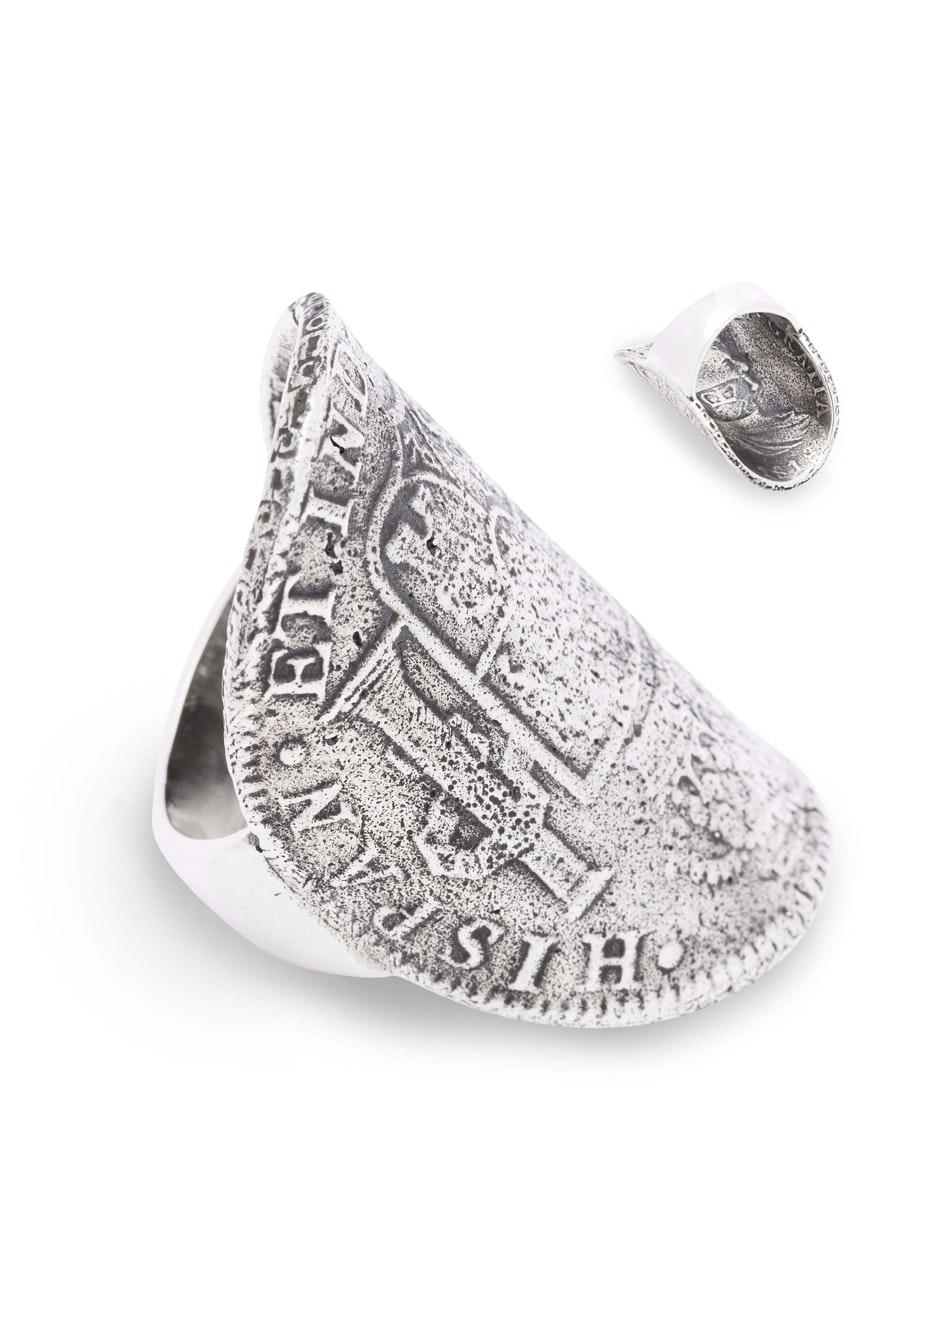 Nick Von K - Spanish Coin Ring